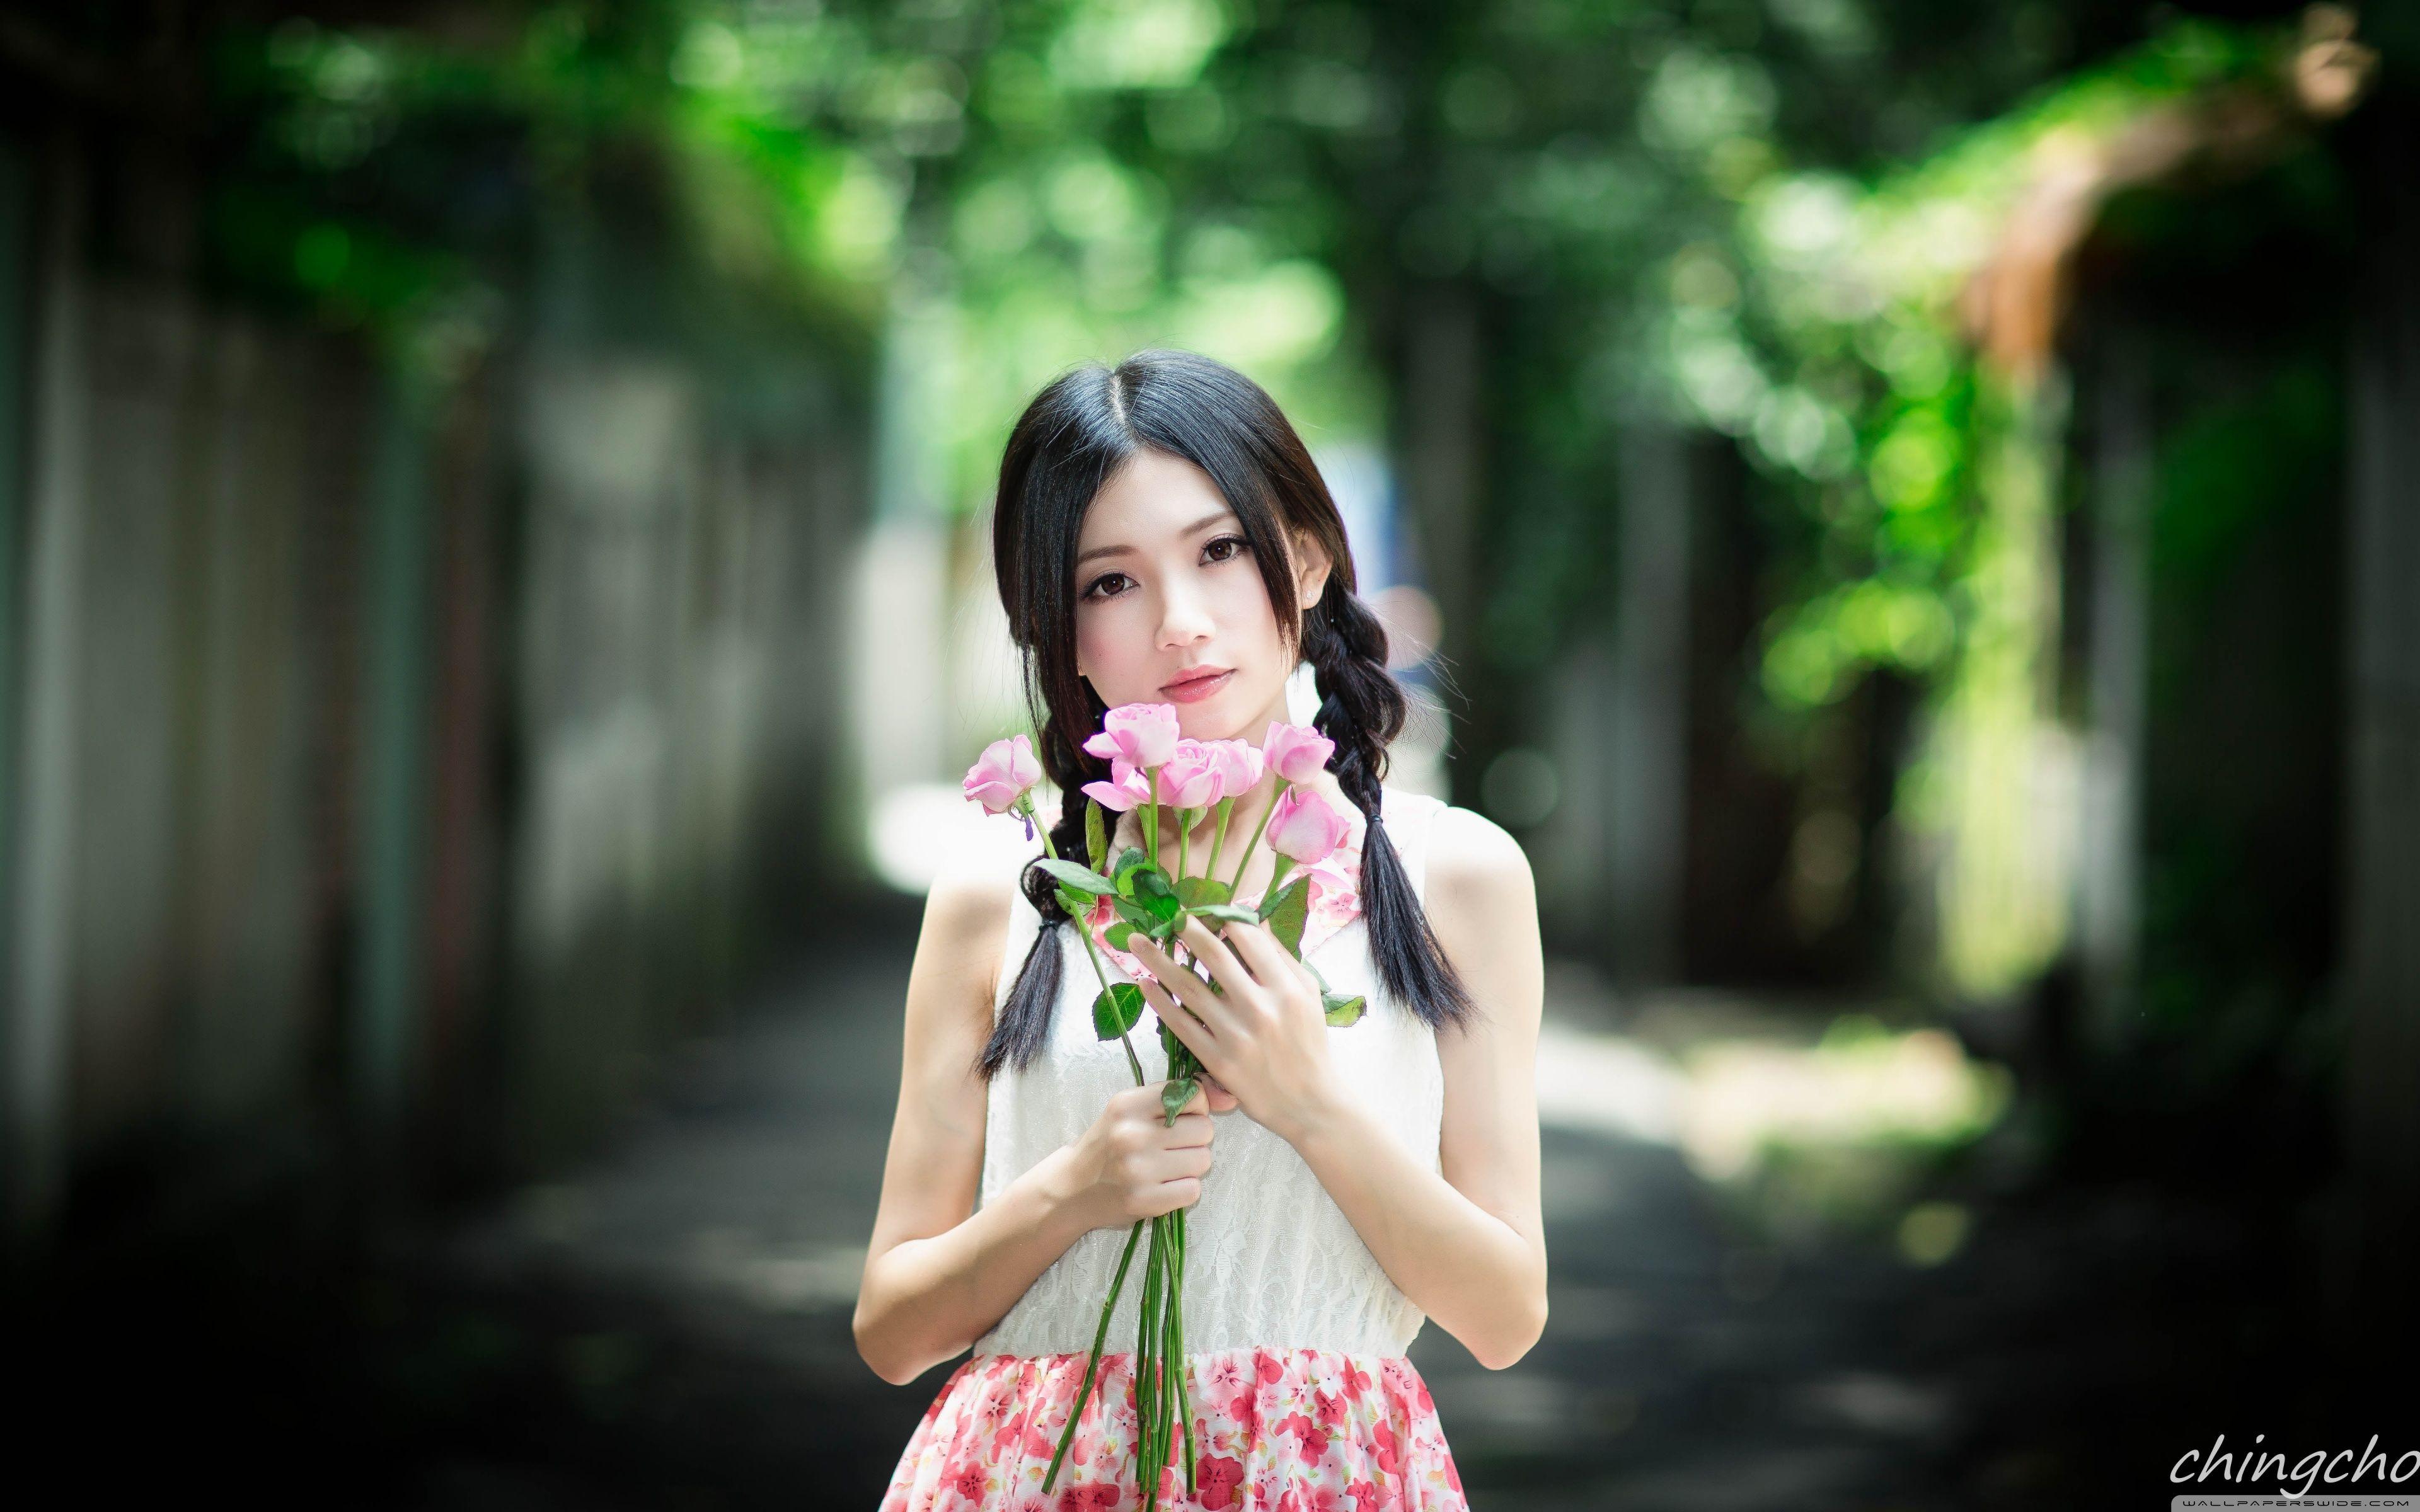 Hd wallpaper cute girl - Cute And Beautiful Girls Wallpapers Hd Widescreen Ginva